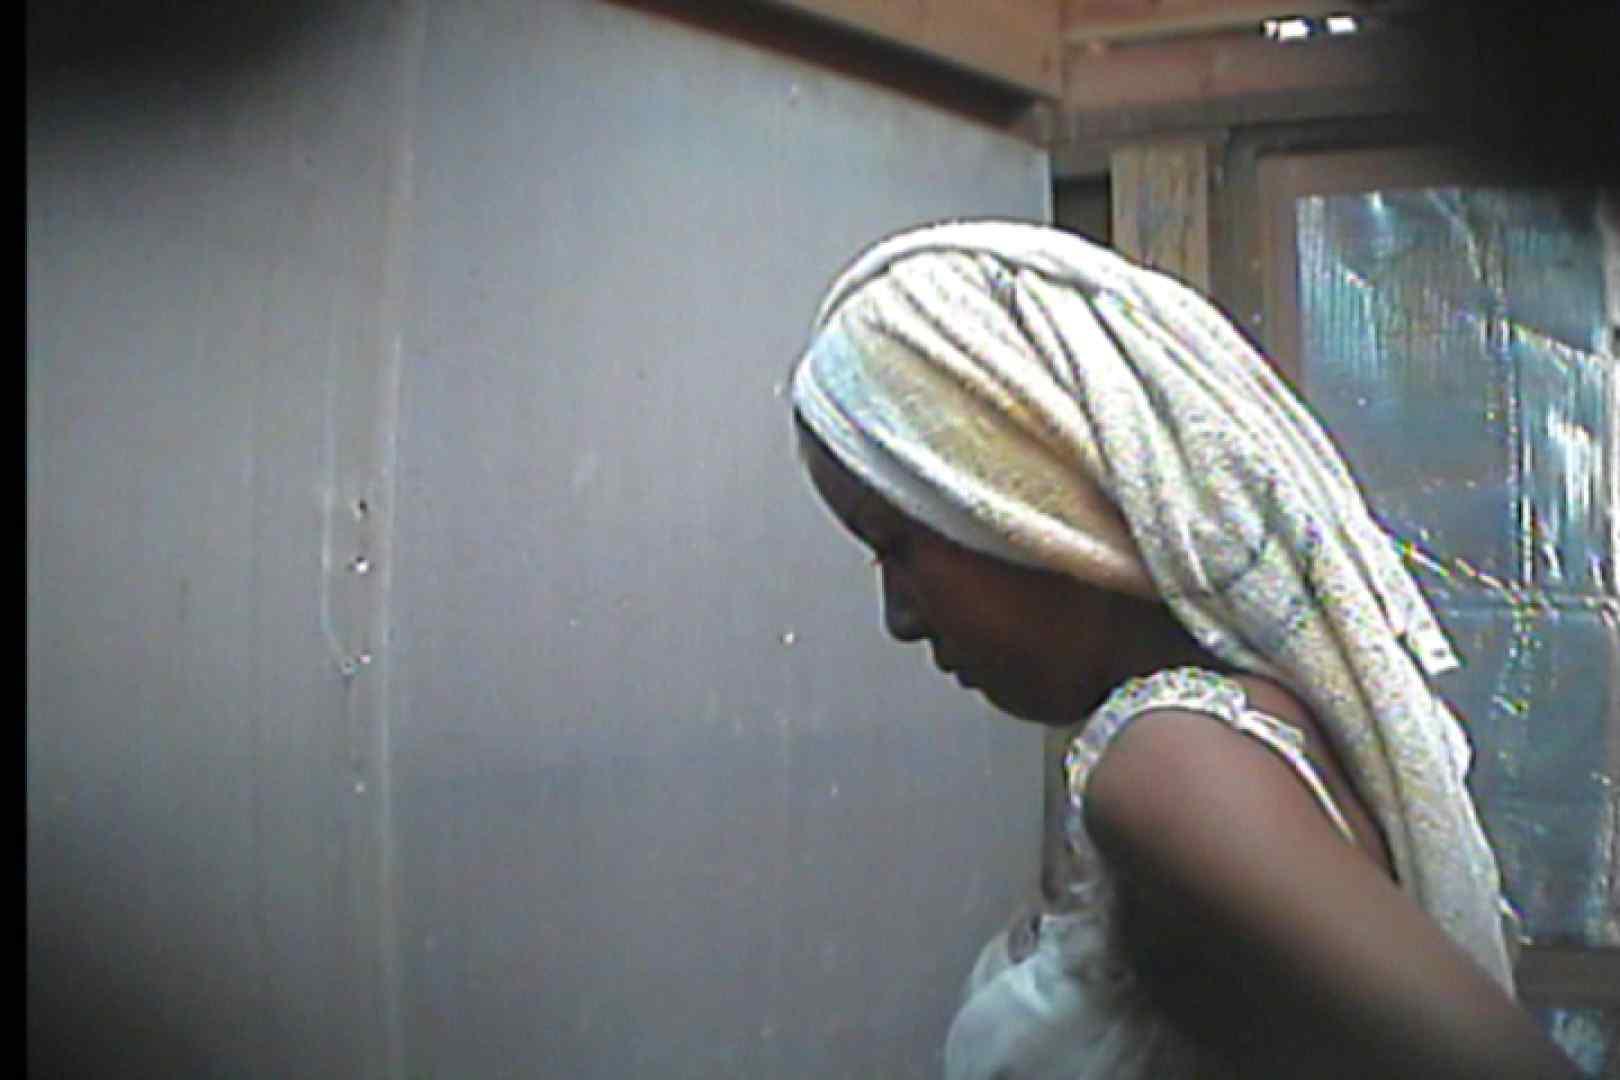 海の家の更衣室 Vol.18 シャワー 覗きオメコ動画キャプチャ 27pic 23